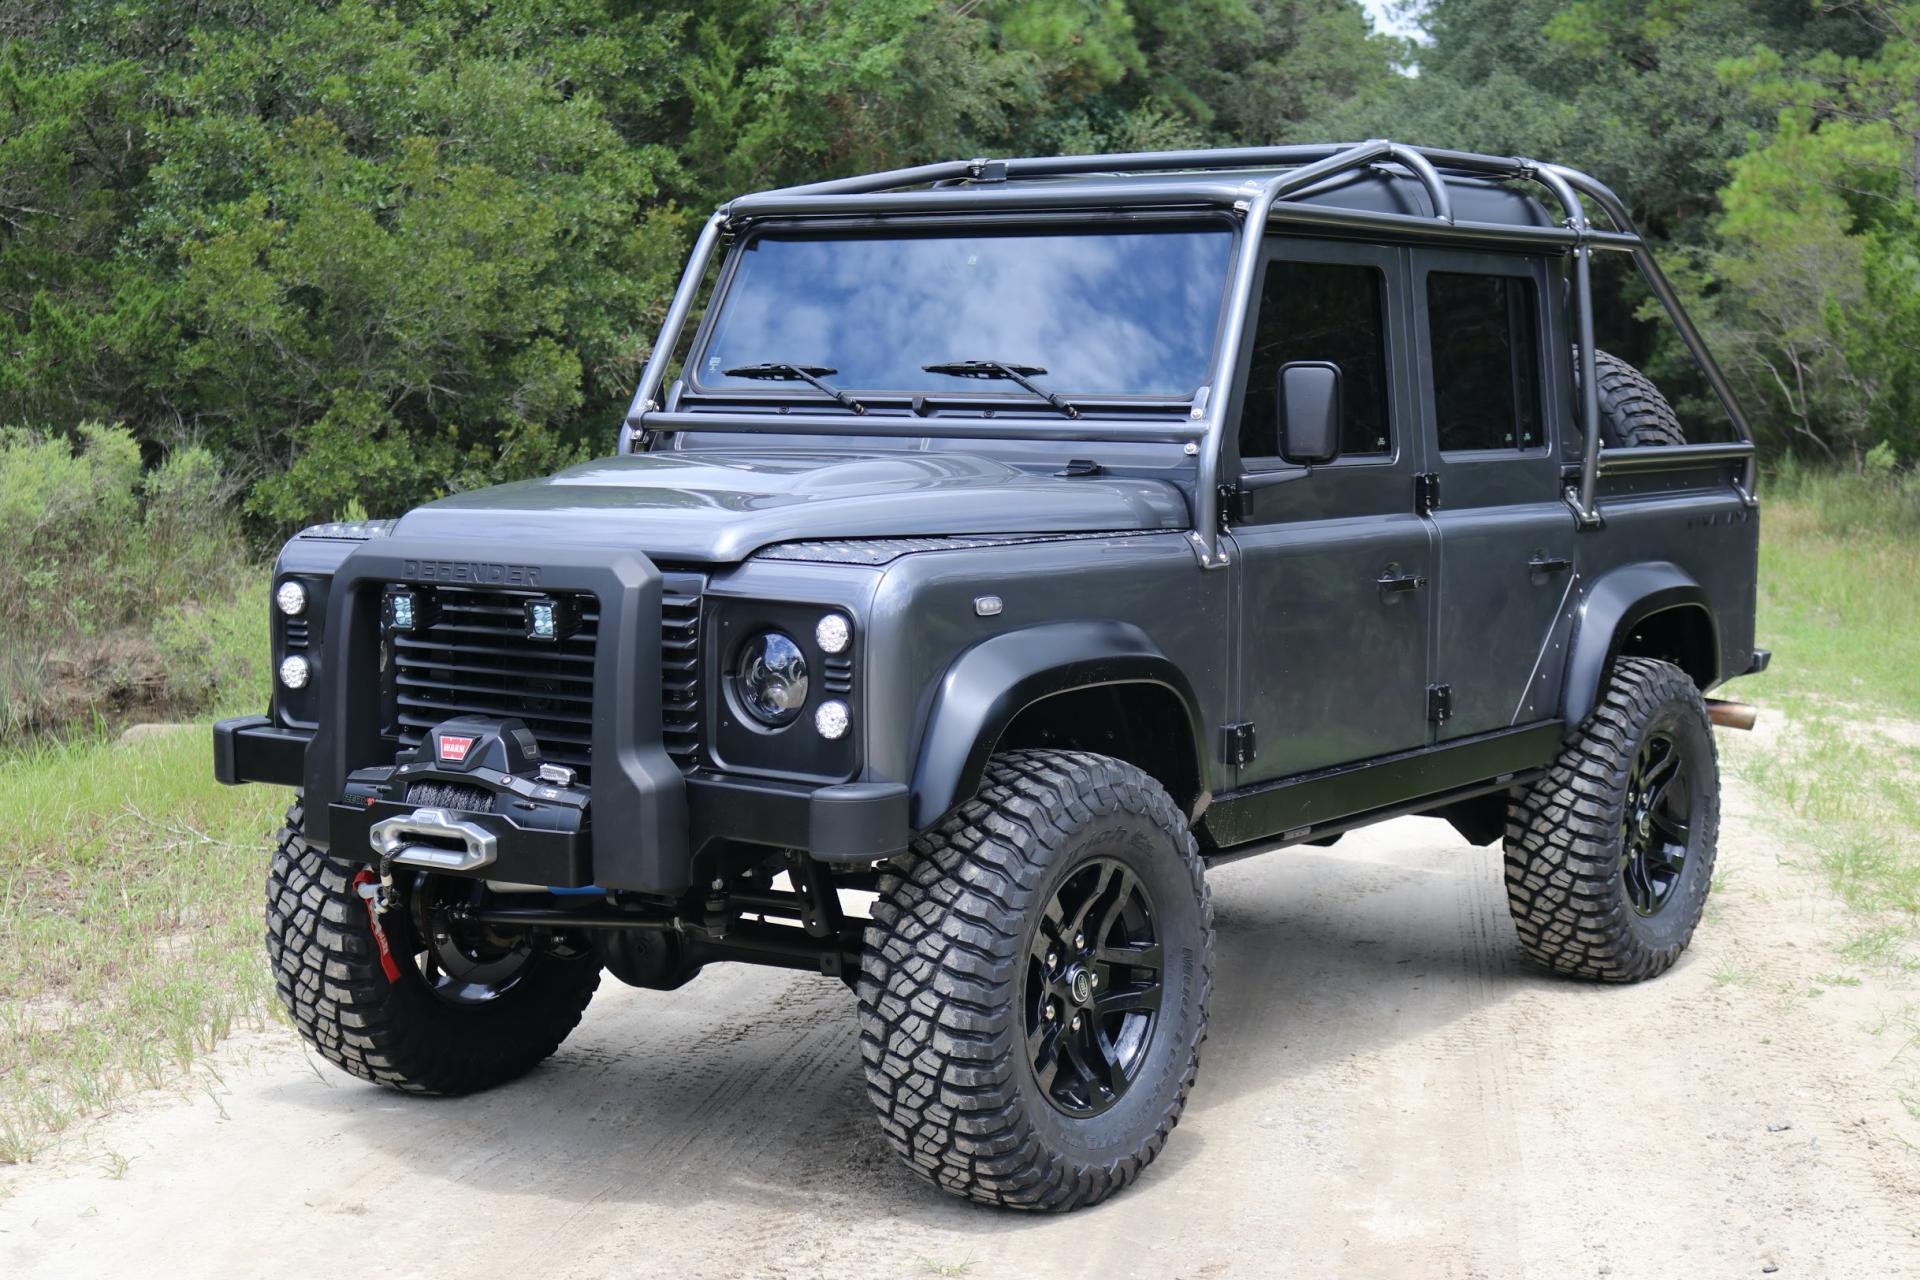 Команда ателье Himalaya представила свою версию Land Rover Defender 110. От серийного пикапа остался только кузов: автомобиль был разобран до основания и вновь собран с иными комплектующими. Цена проекта составила $250 000.